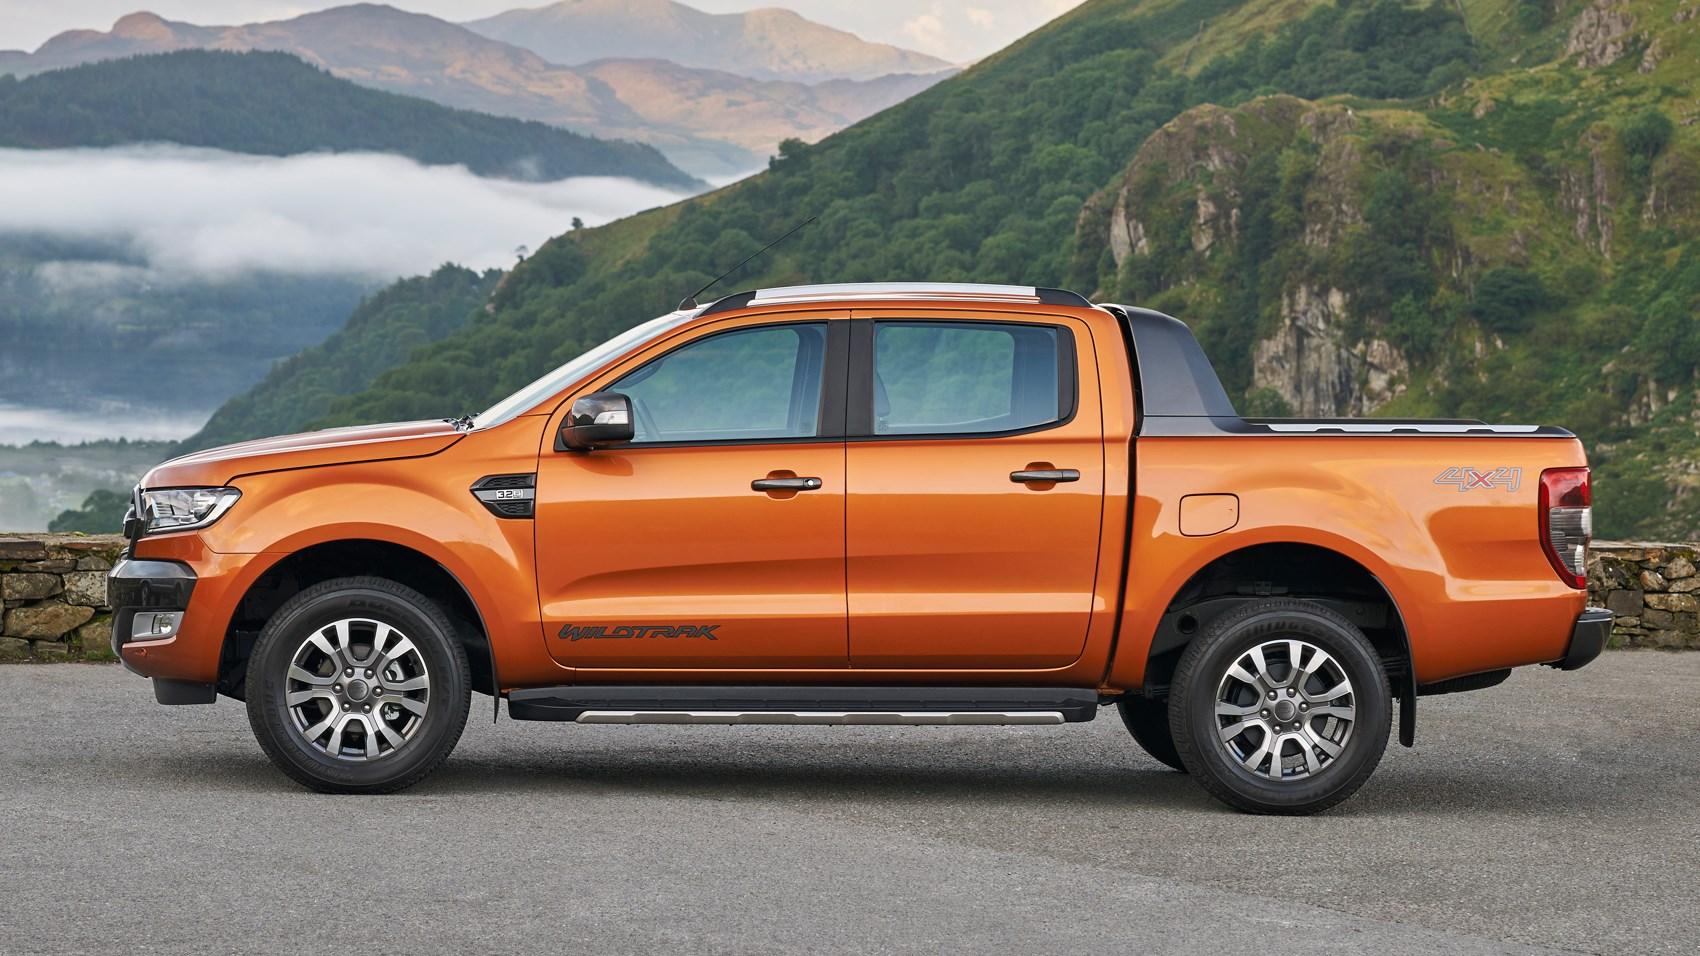 Ford Ranger chiếc ô tô bán chạy nhất của Ford có nên mua